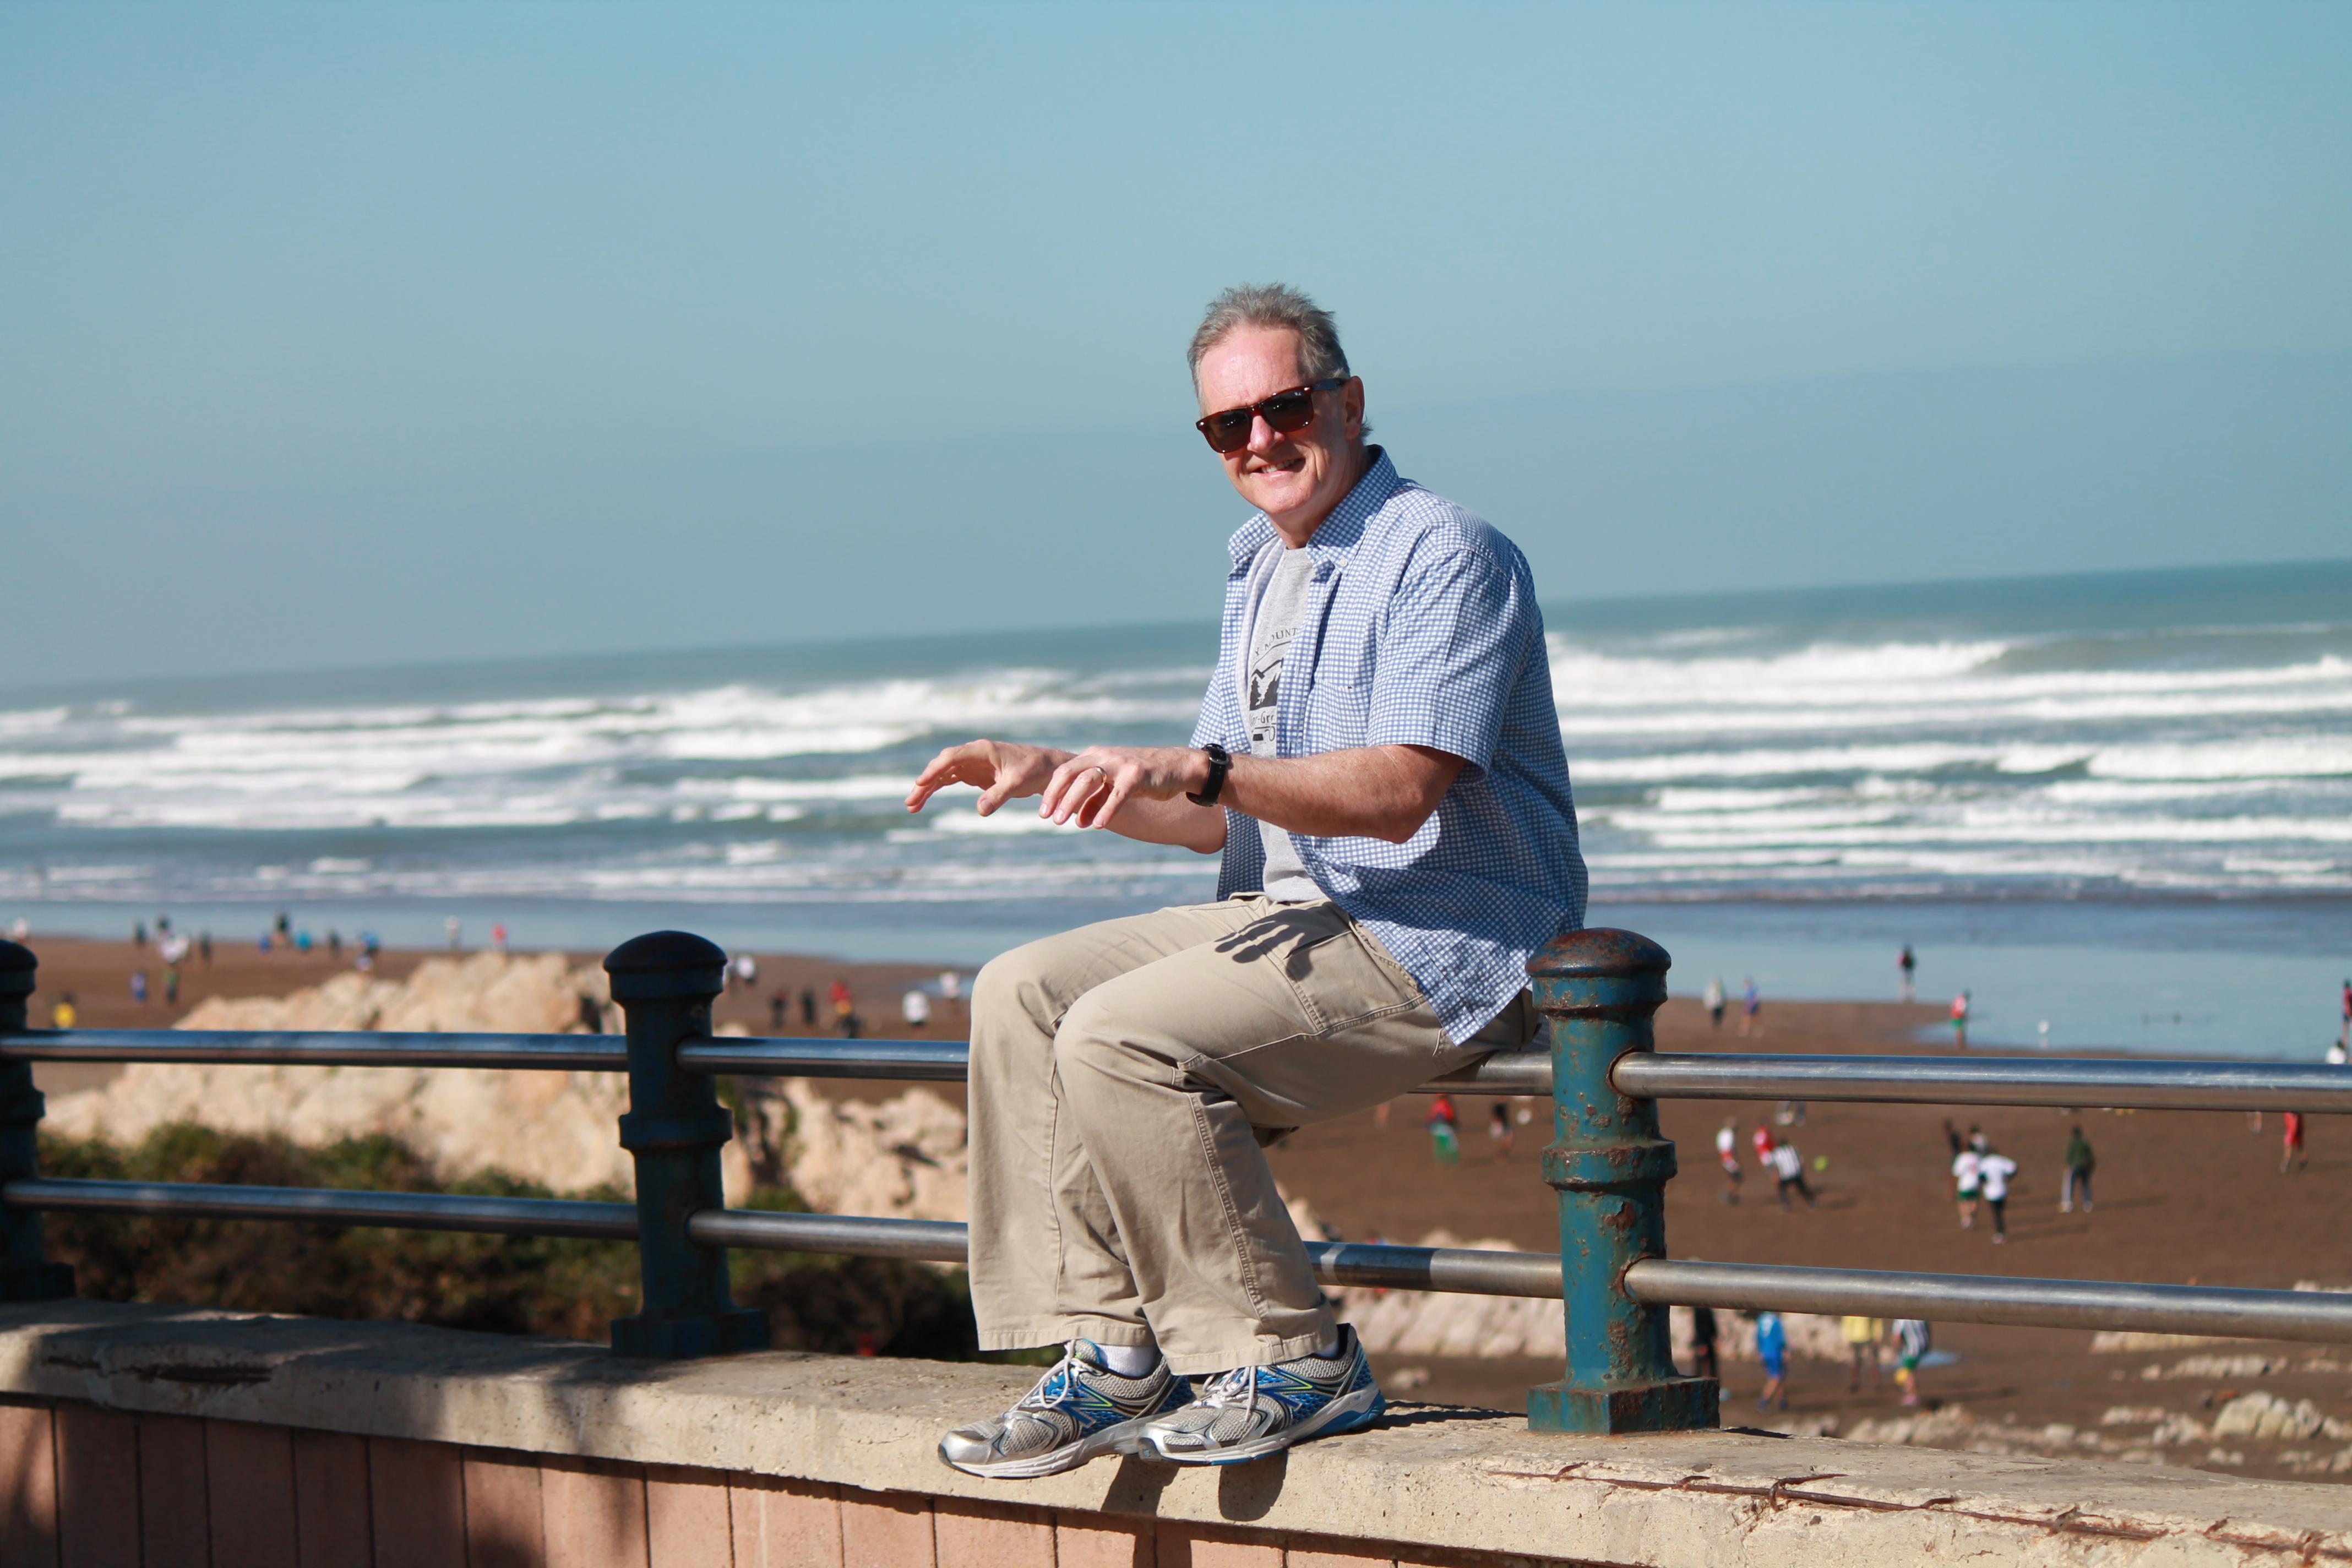 On Casablanca Atlantic shores...